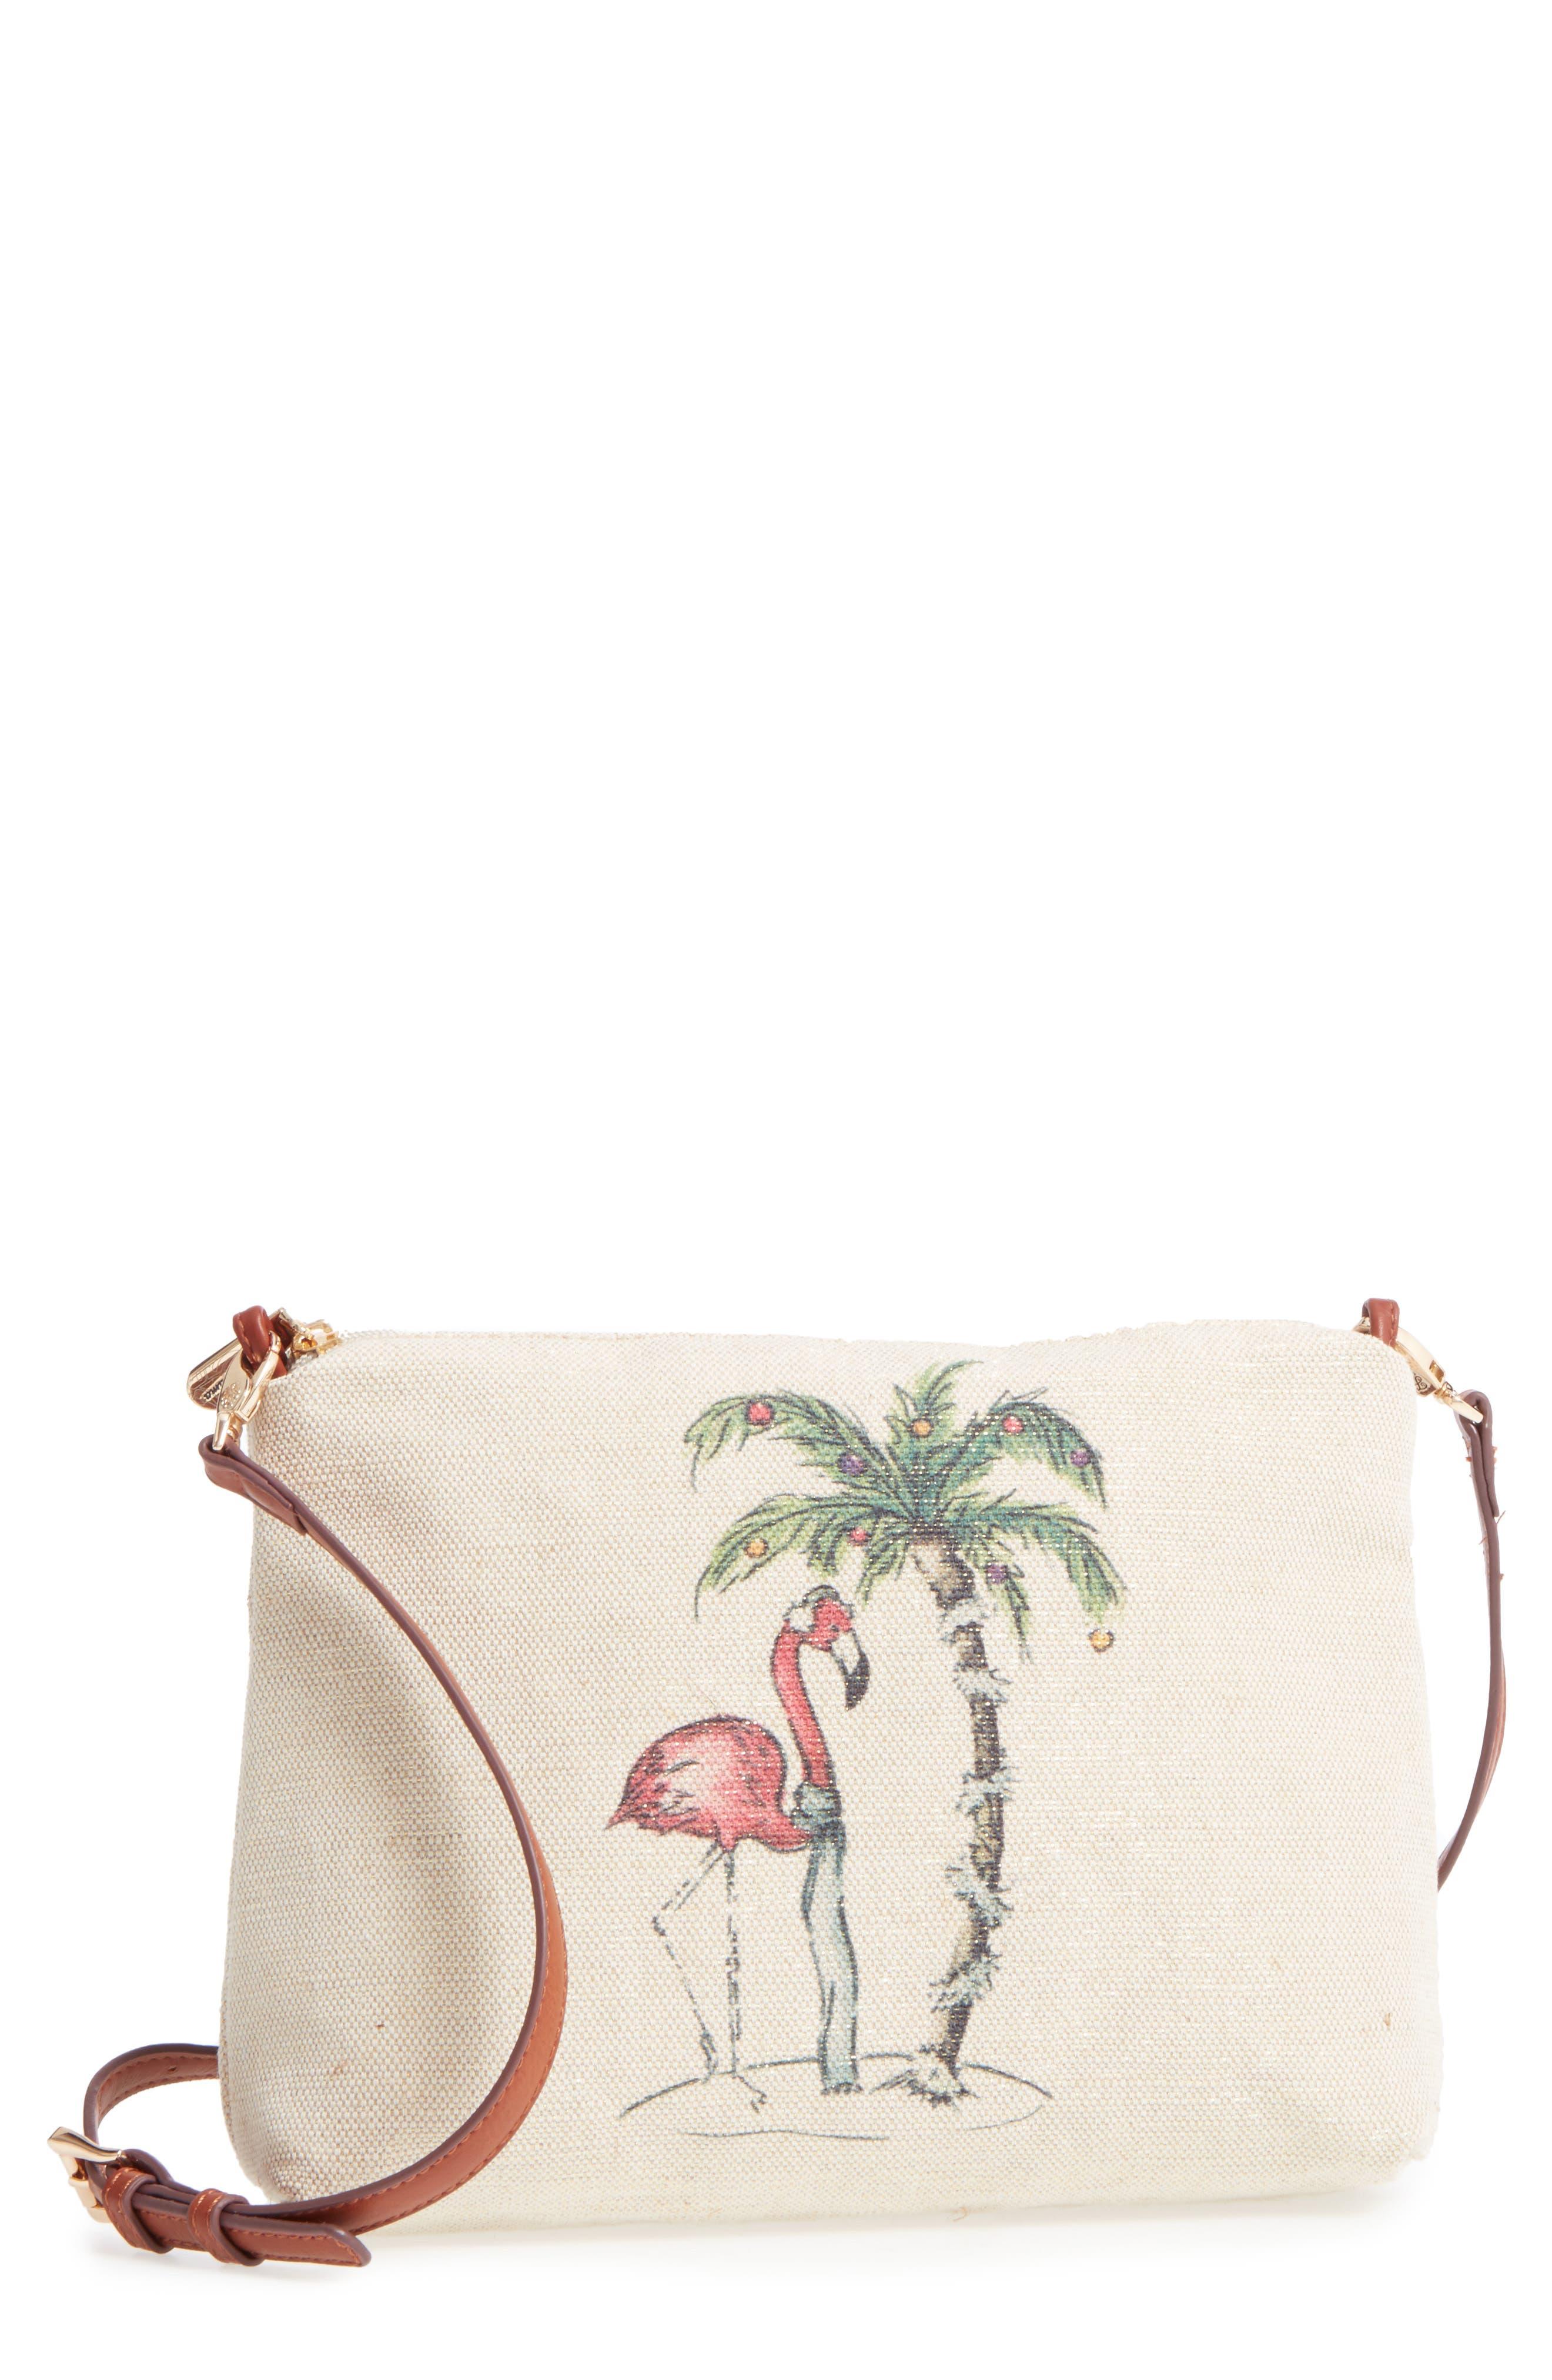 La Plancha Convertible Crossbody Bag,                         Main,                         color,